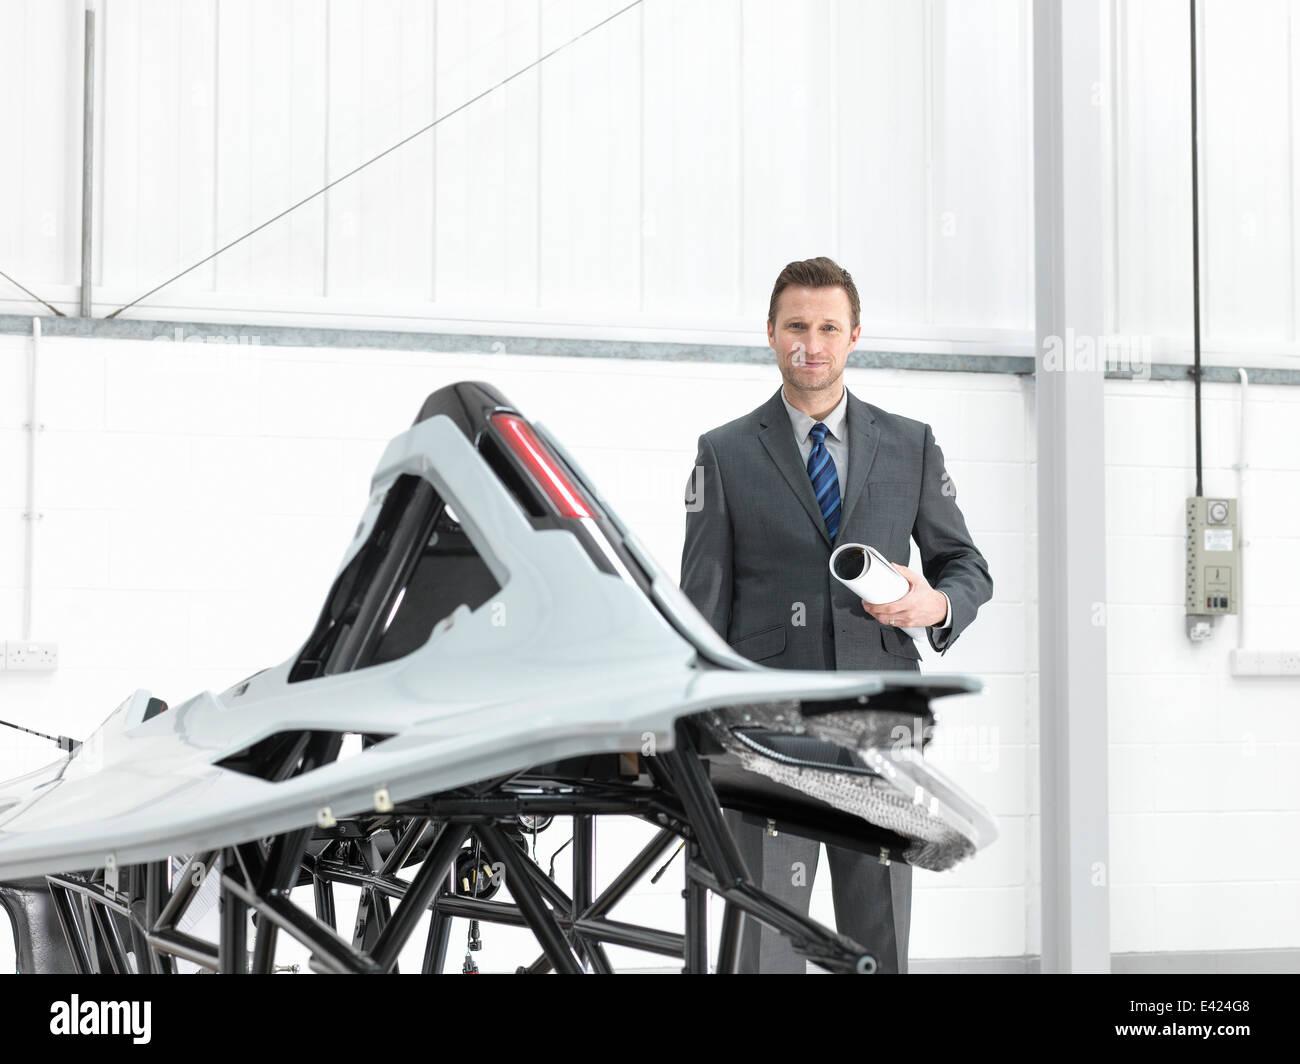 Automotive designer with part-built supercar in car factory, portrait - Stock Image